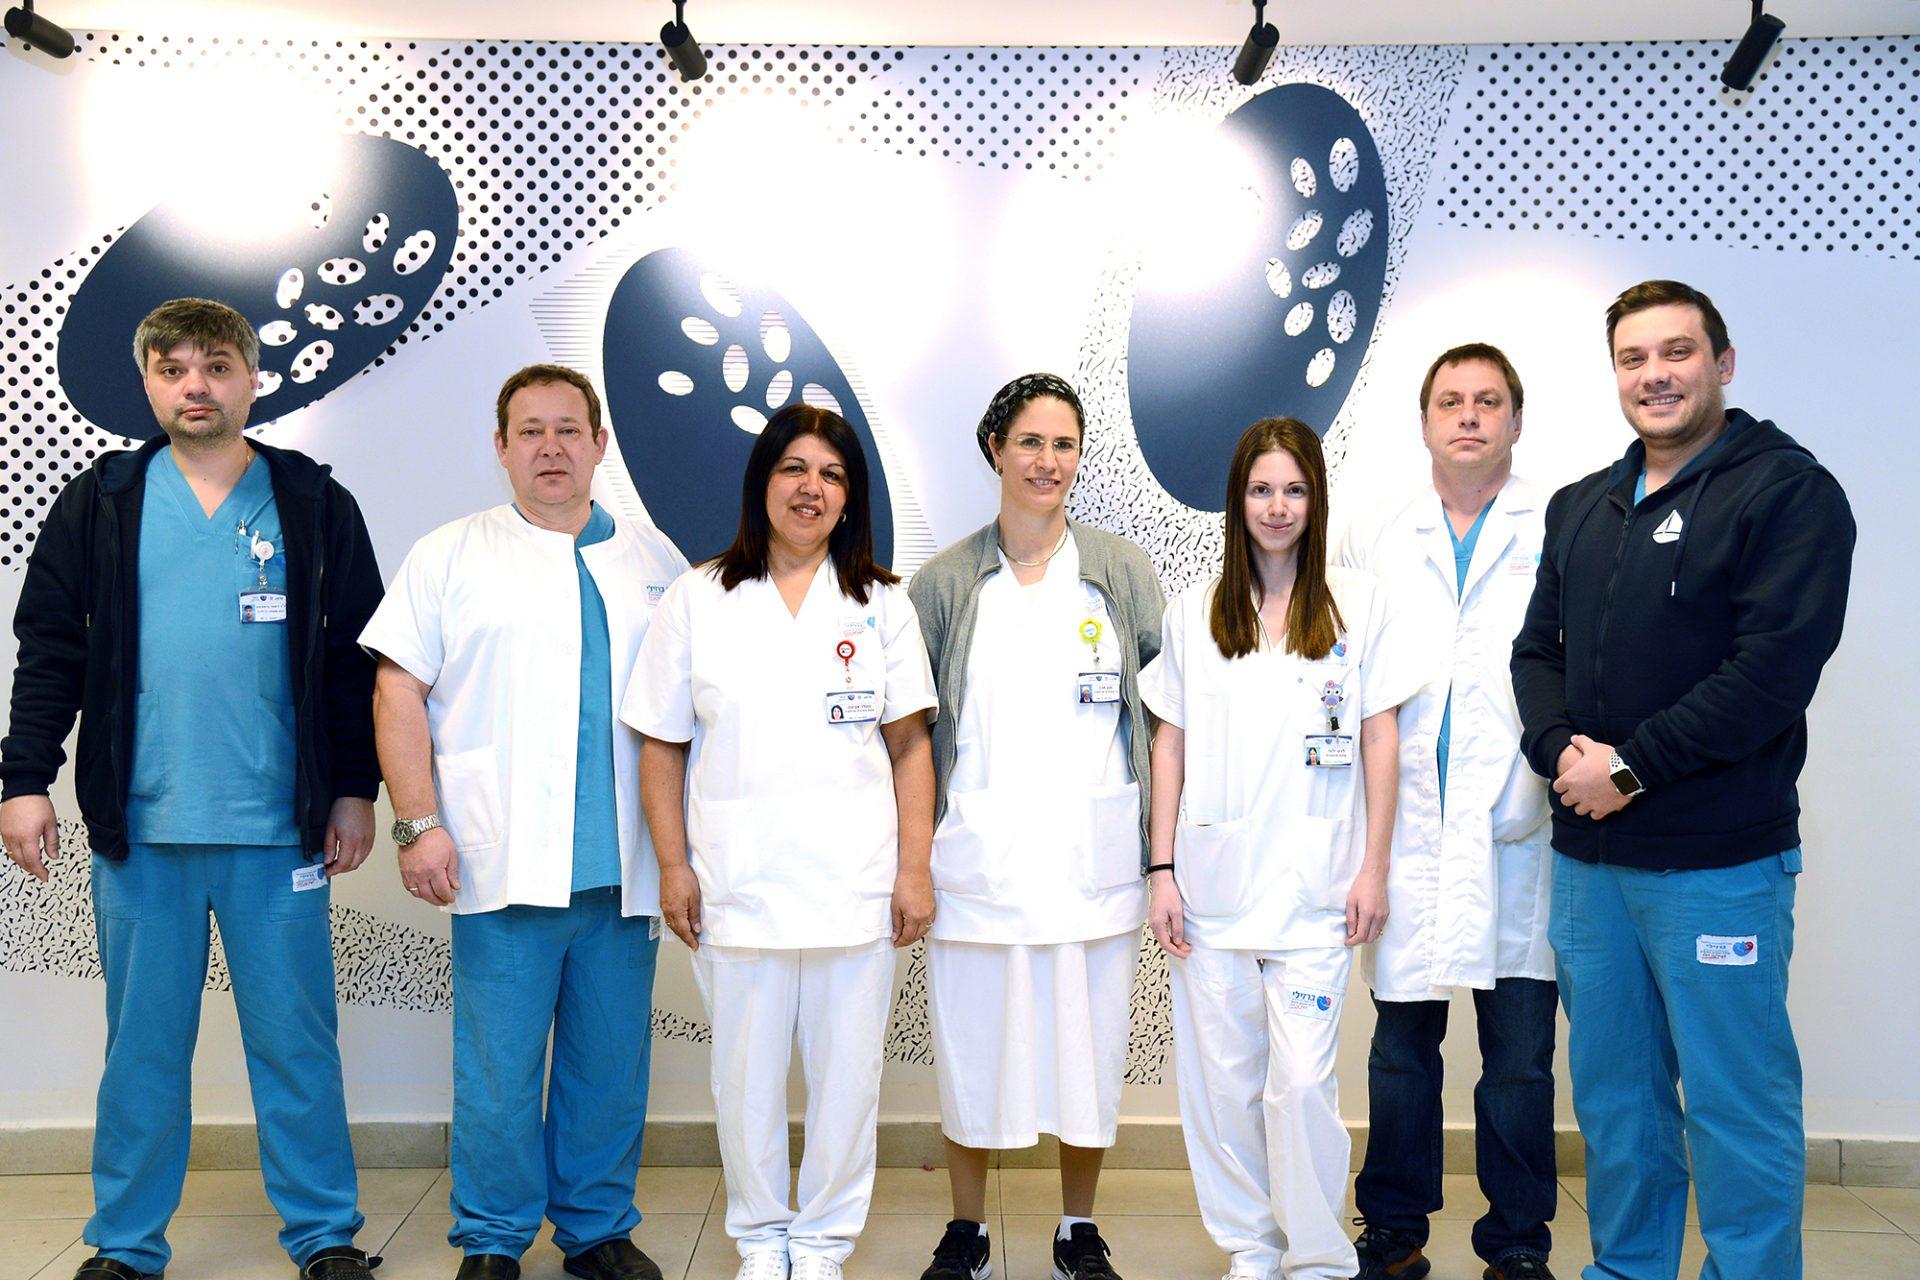 היחידה האורולוגית במרכז הרפואי ברזילי: משפחה אחת, מחלקה אחת. צילום רפואי ברזילי